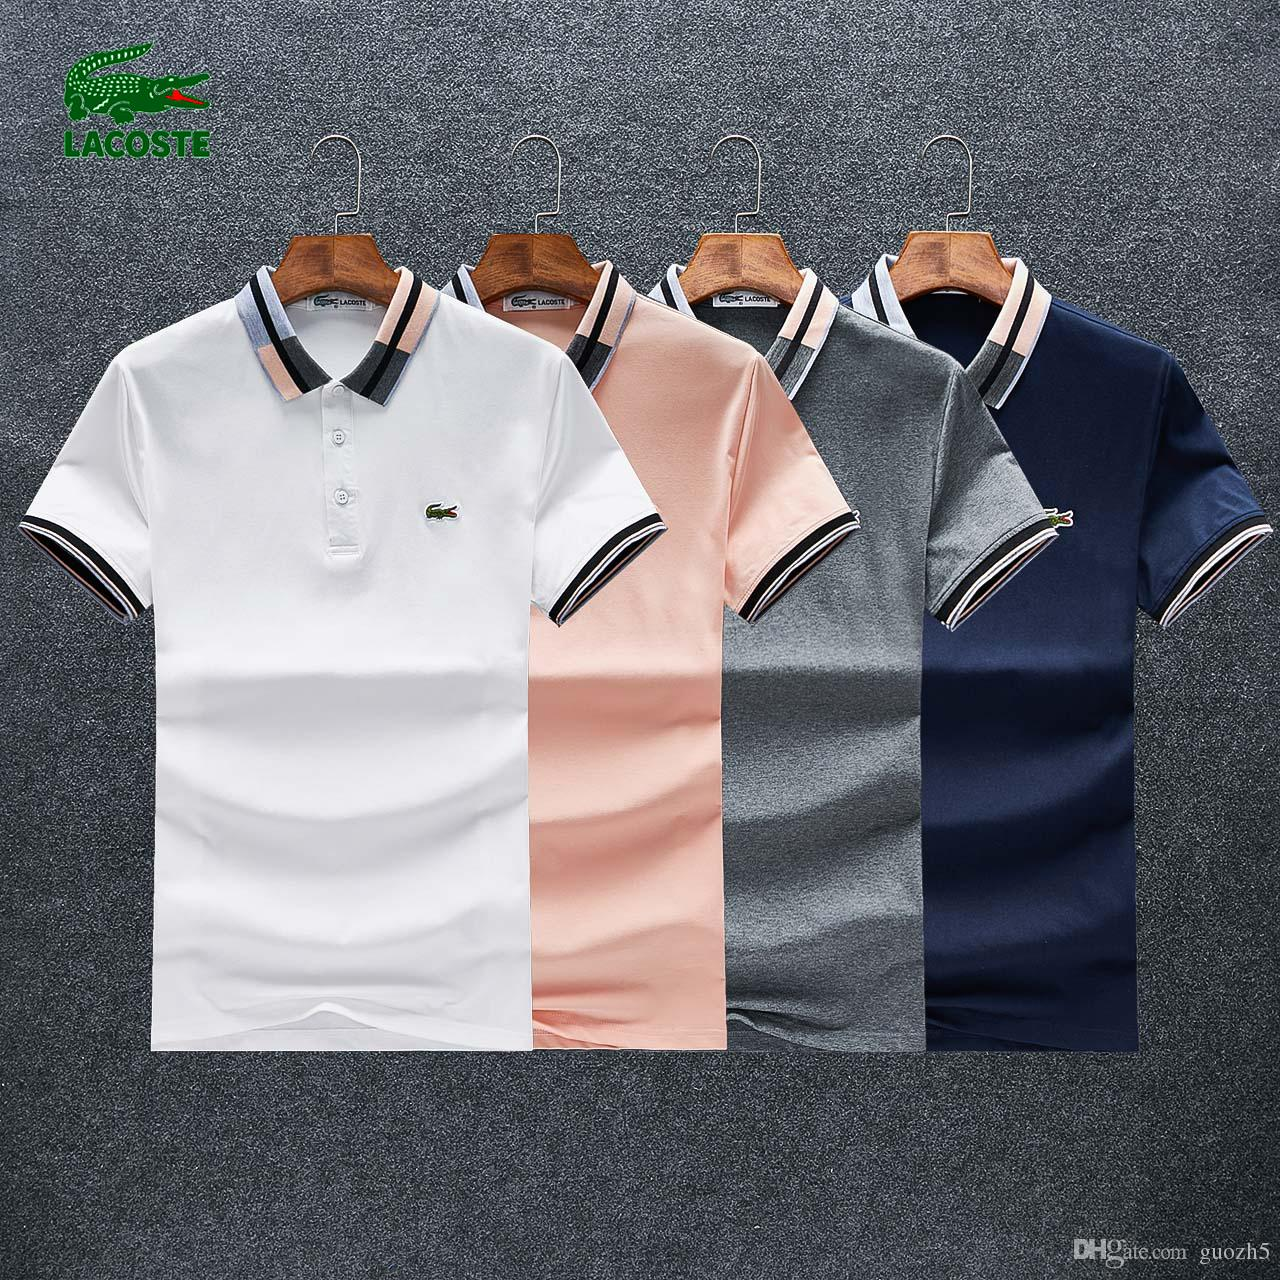 276133ba8e58ed Acquista 18s I Più Nuovi Designer 2019 Marchio Di Moda Polo Maschile Camicia  A Maniche Corte Uomo Polo Slim Fit Camicie Casual Polo Homme MTP067 A  $29.27 ...